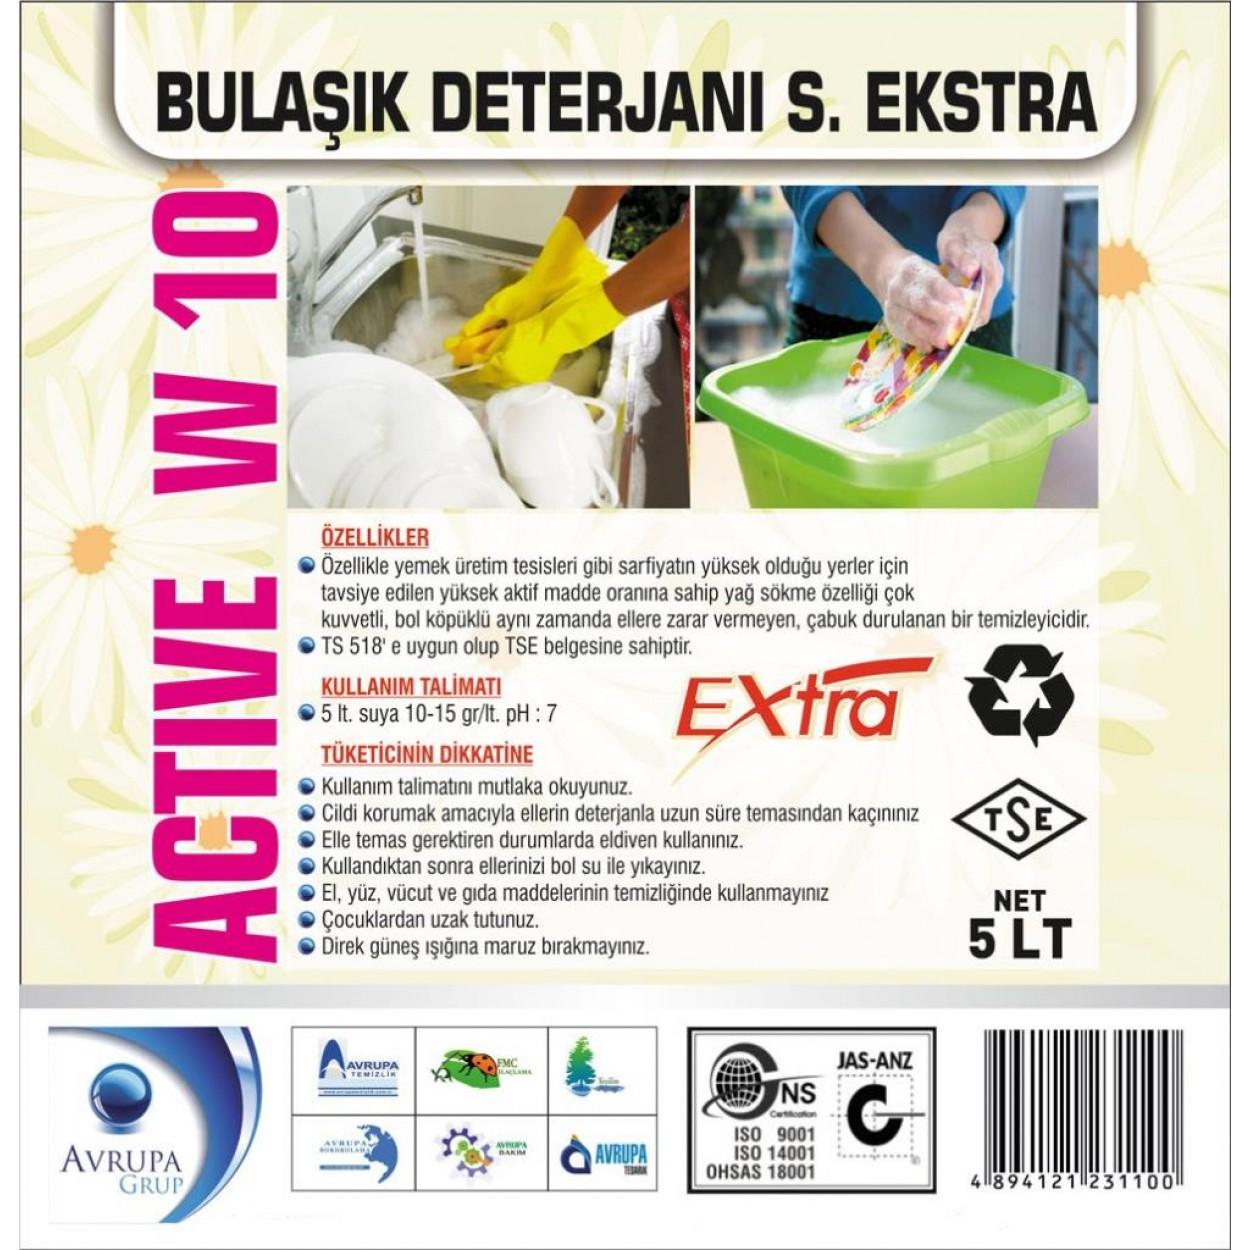 ACTİVE W10 Bulaşık Deterjanı Süper Ekstra 5 Litre